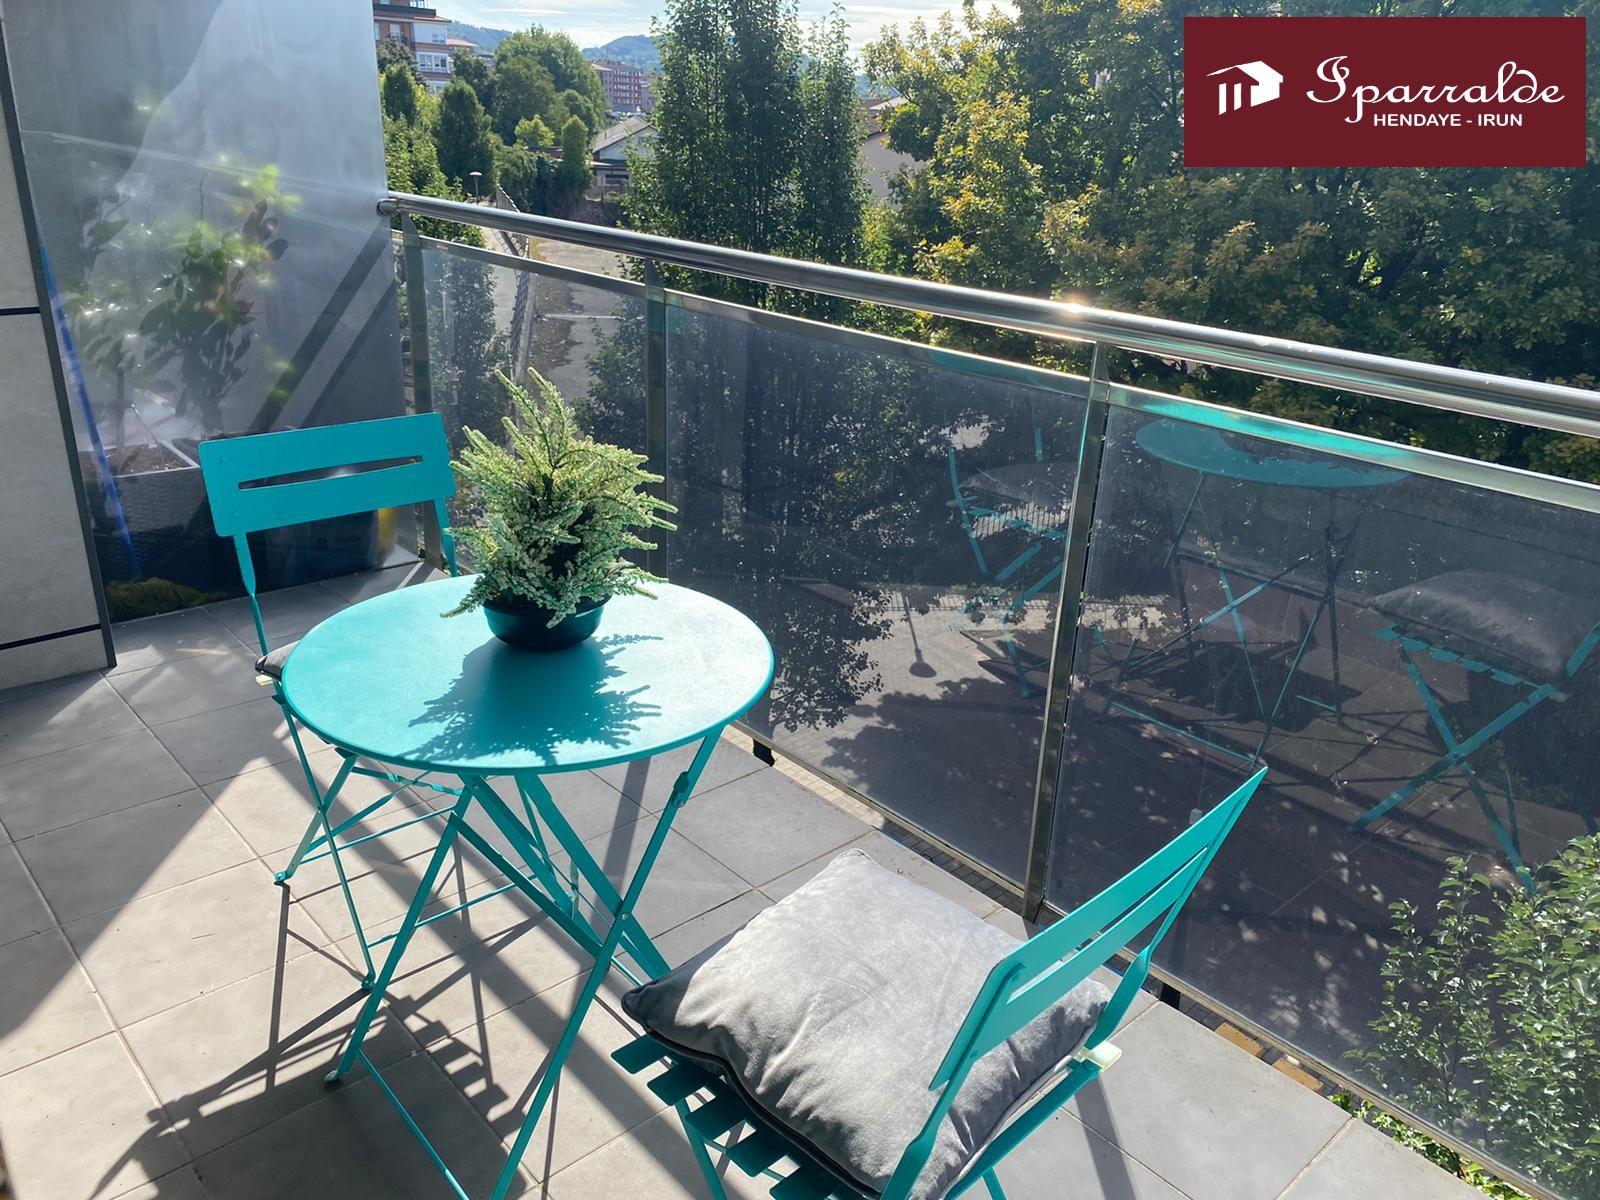 Espectacular piso a reformar de 108 m² con terraza de 9 m2, 4 habitaciones, cocina independiente y baño completo.